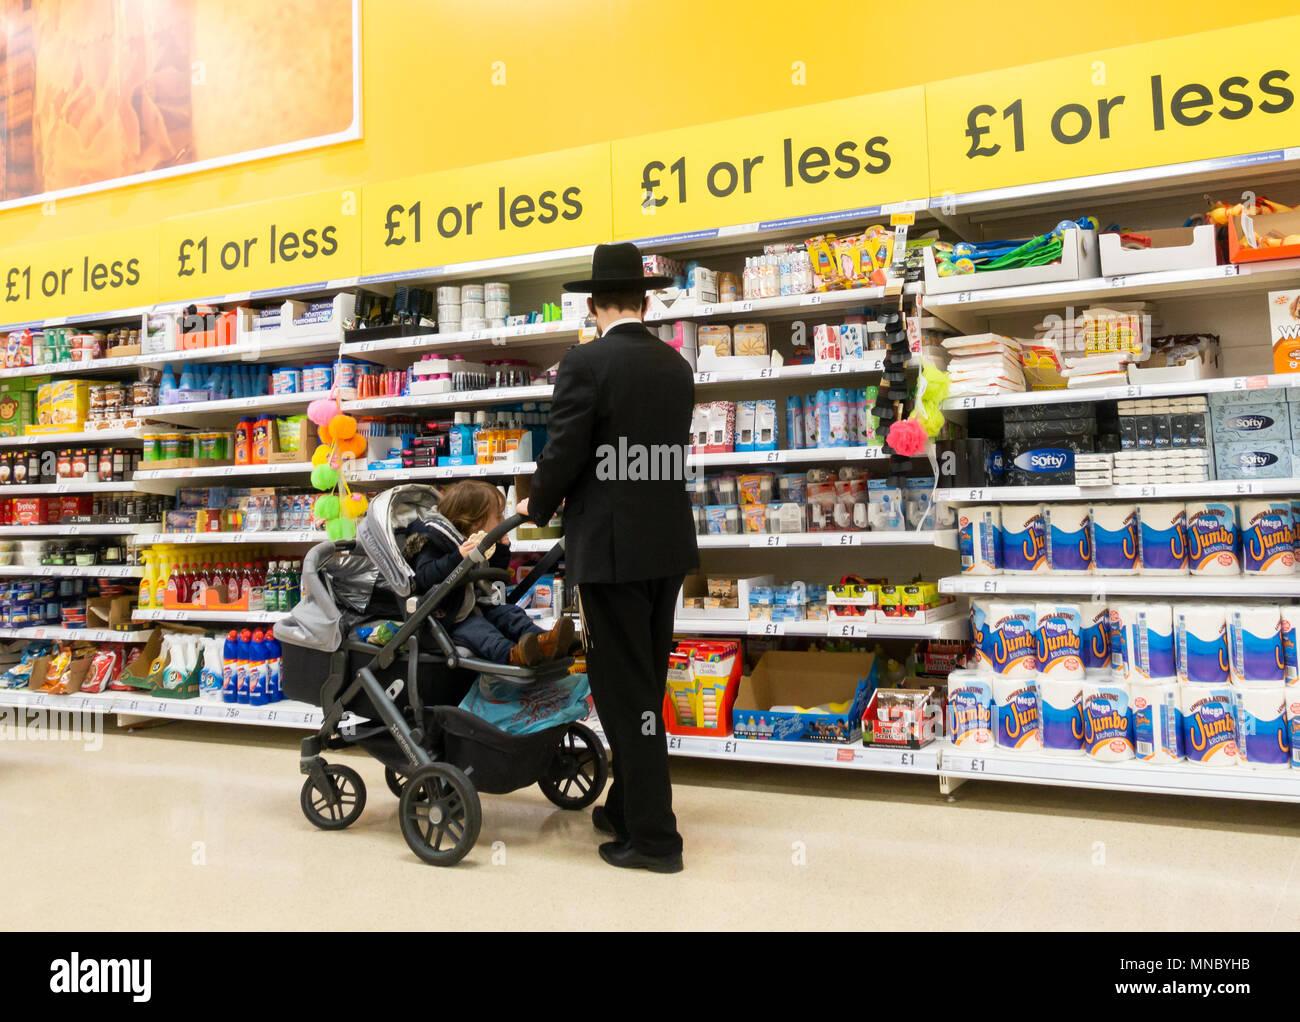 9ab12bfcda16 Tesco Supermarket Uk Stock Photos & Tesco Supermarket Uk Stock ...